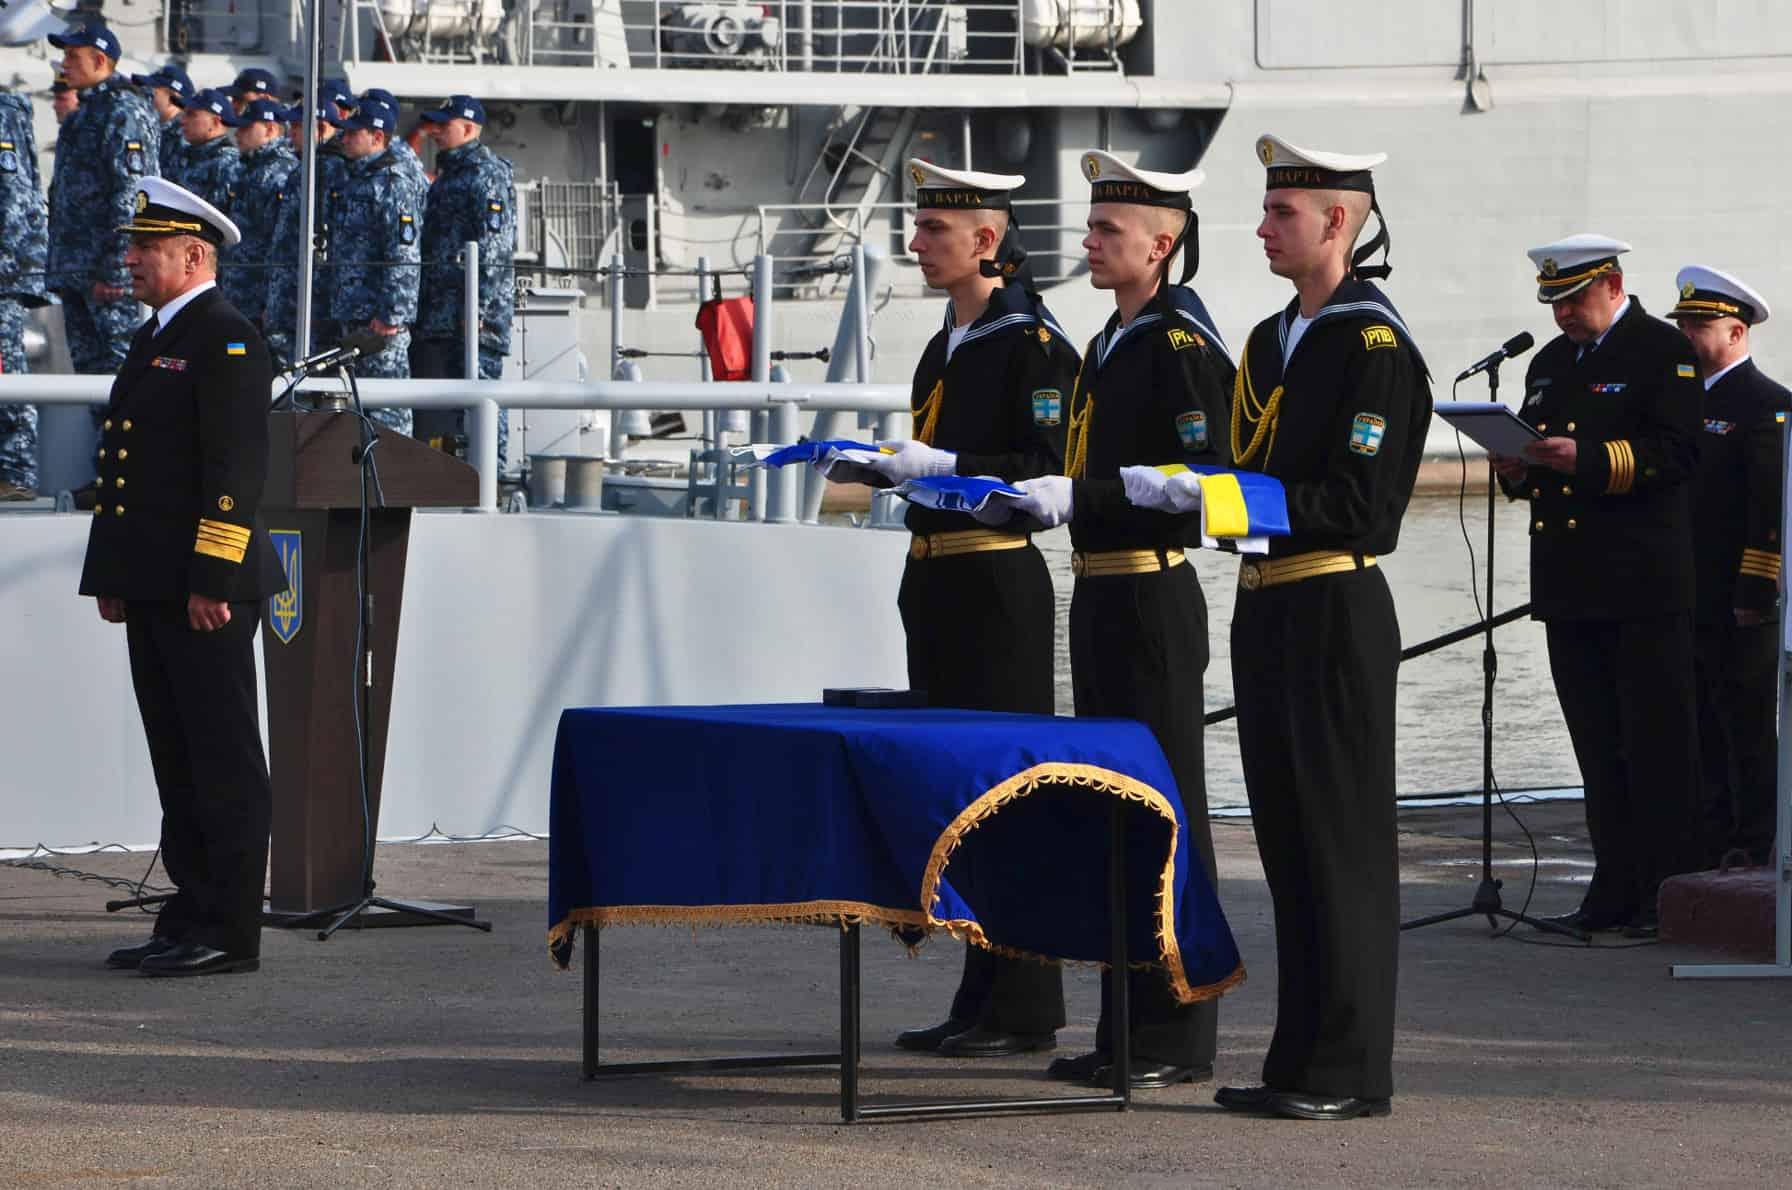 Командувач ВМС ЗС України Ігор Воронченко дає команду до підготовки командирів кораблів для вручення бойових знамен